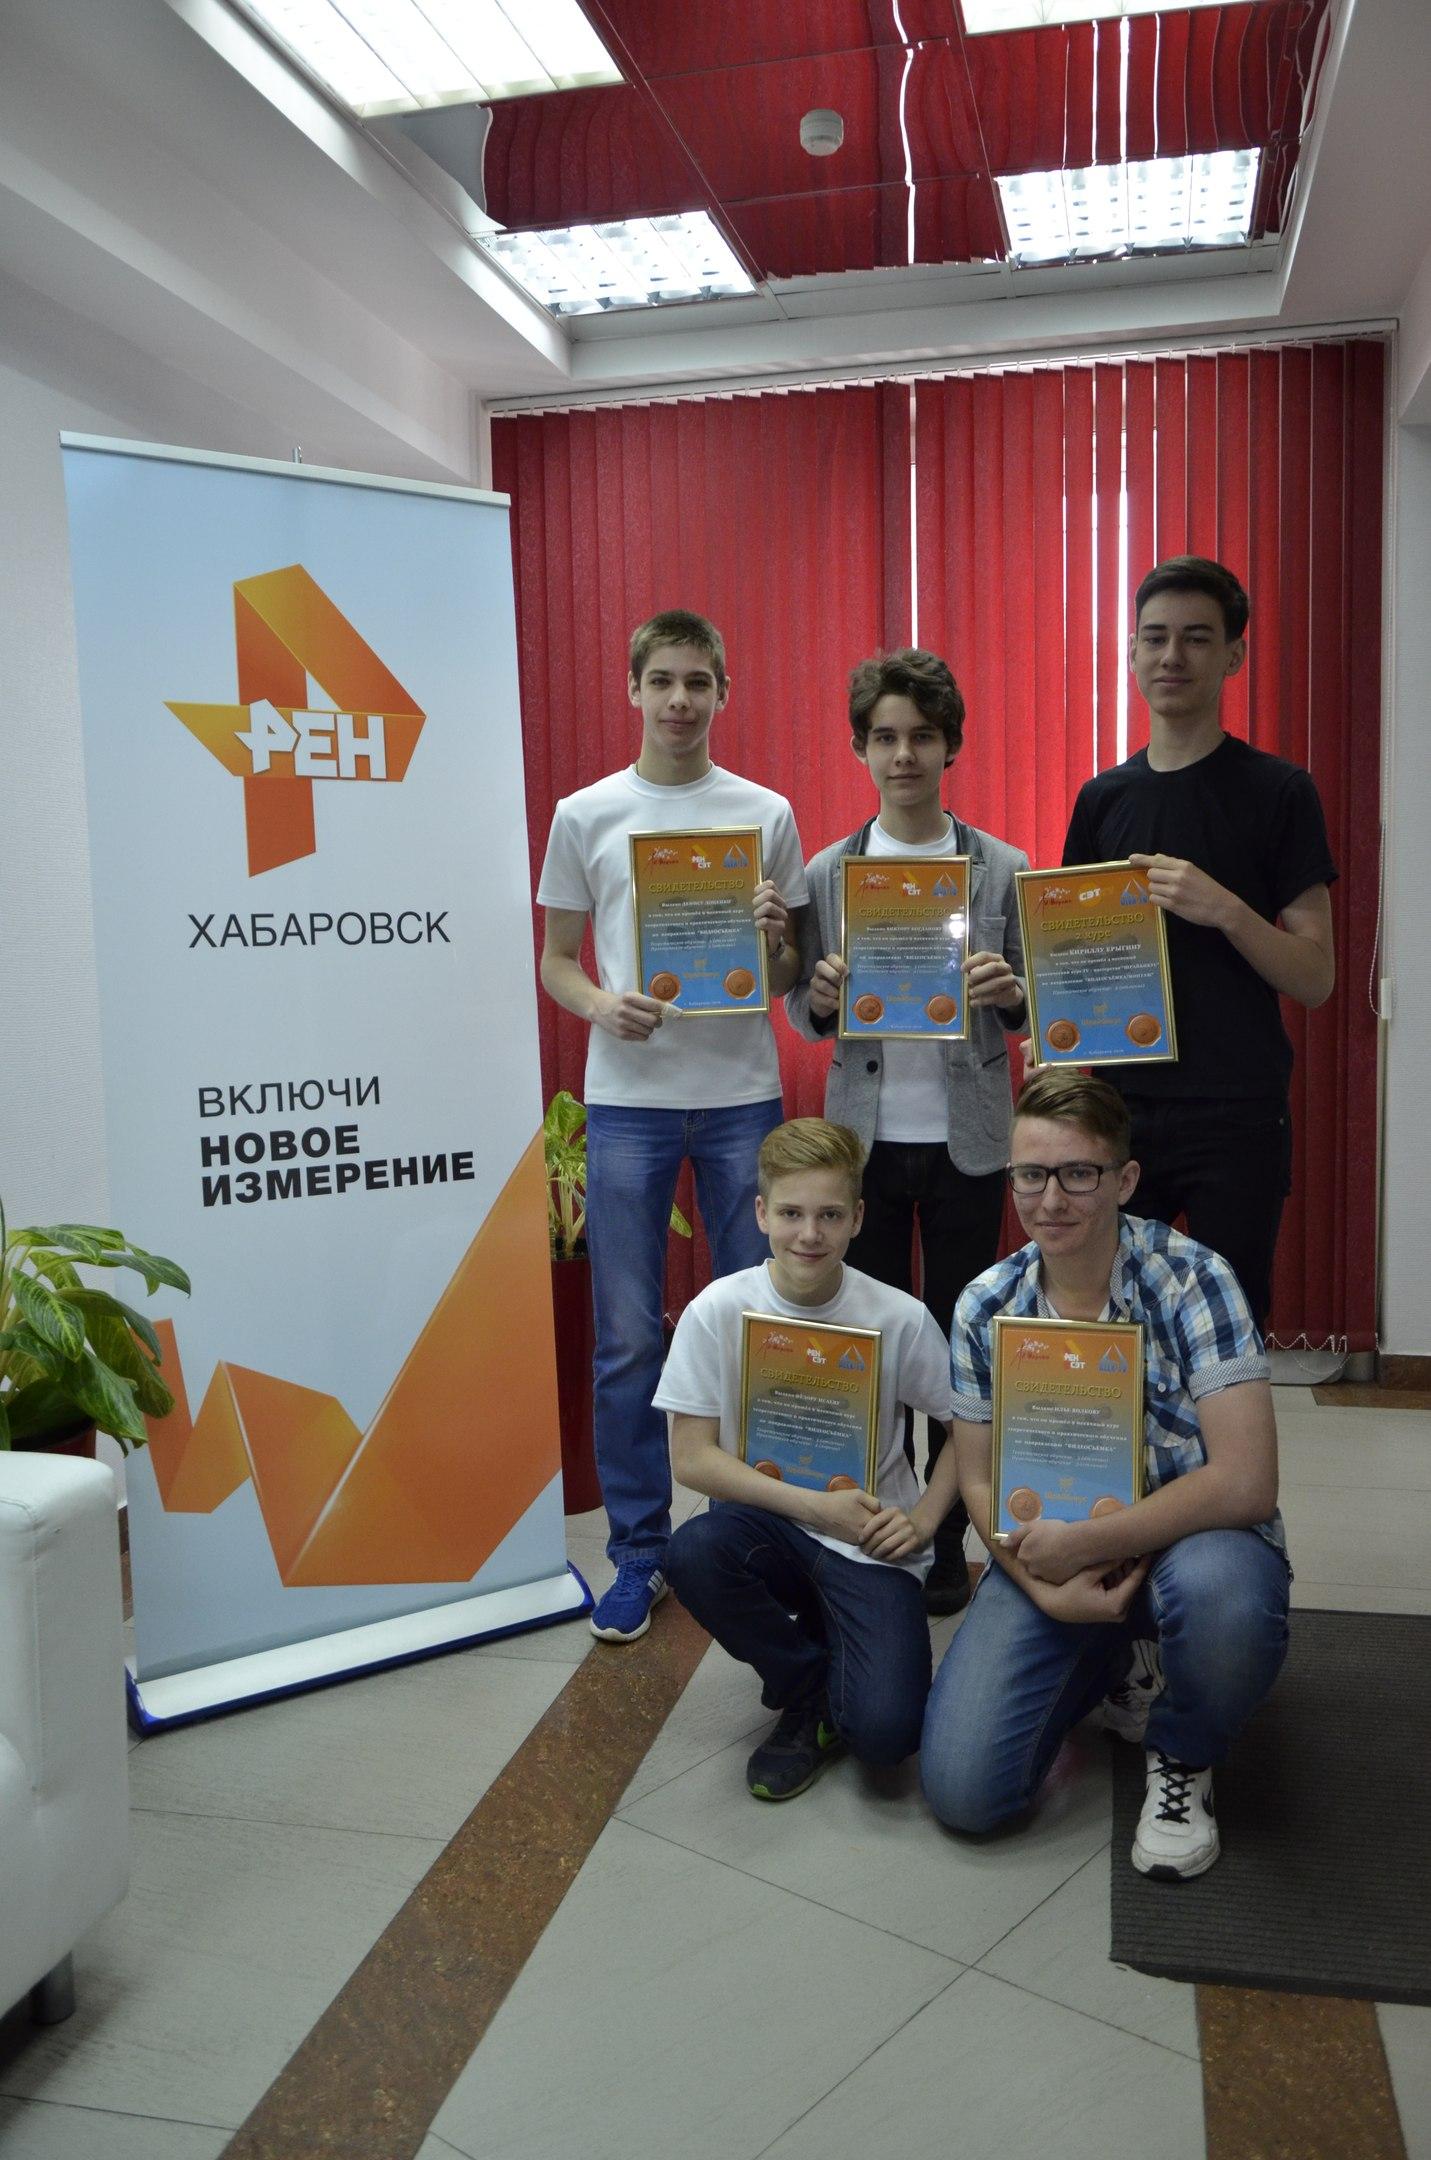 Обучение видеосъёмке в Хабаровске